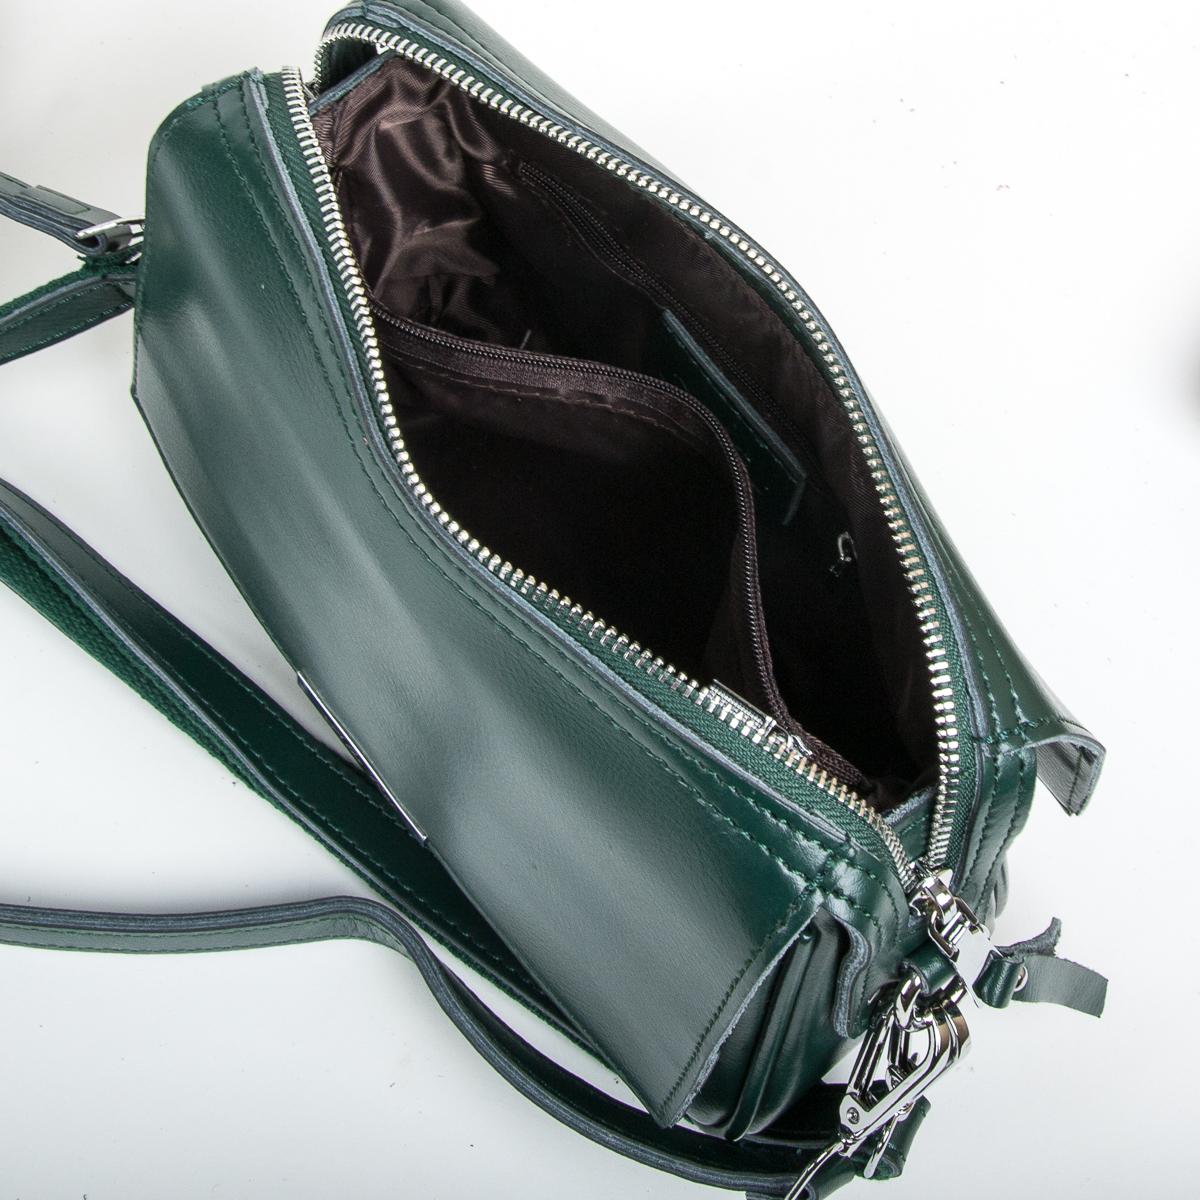 Сумка Женская Клатч кожа ALEX RAI 9-01 2227 green - фото 5